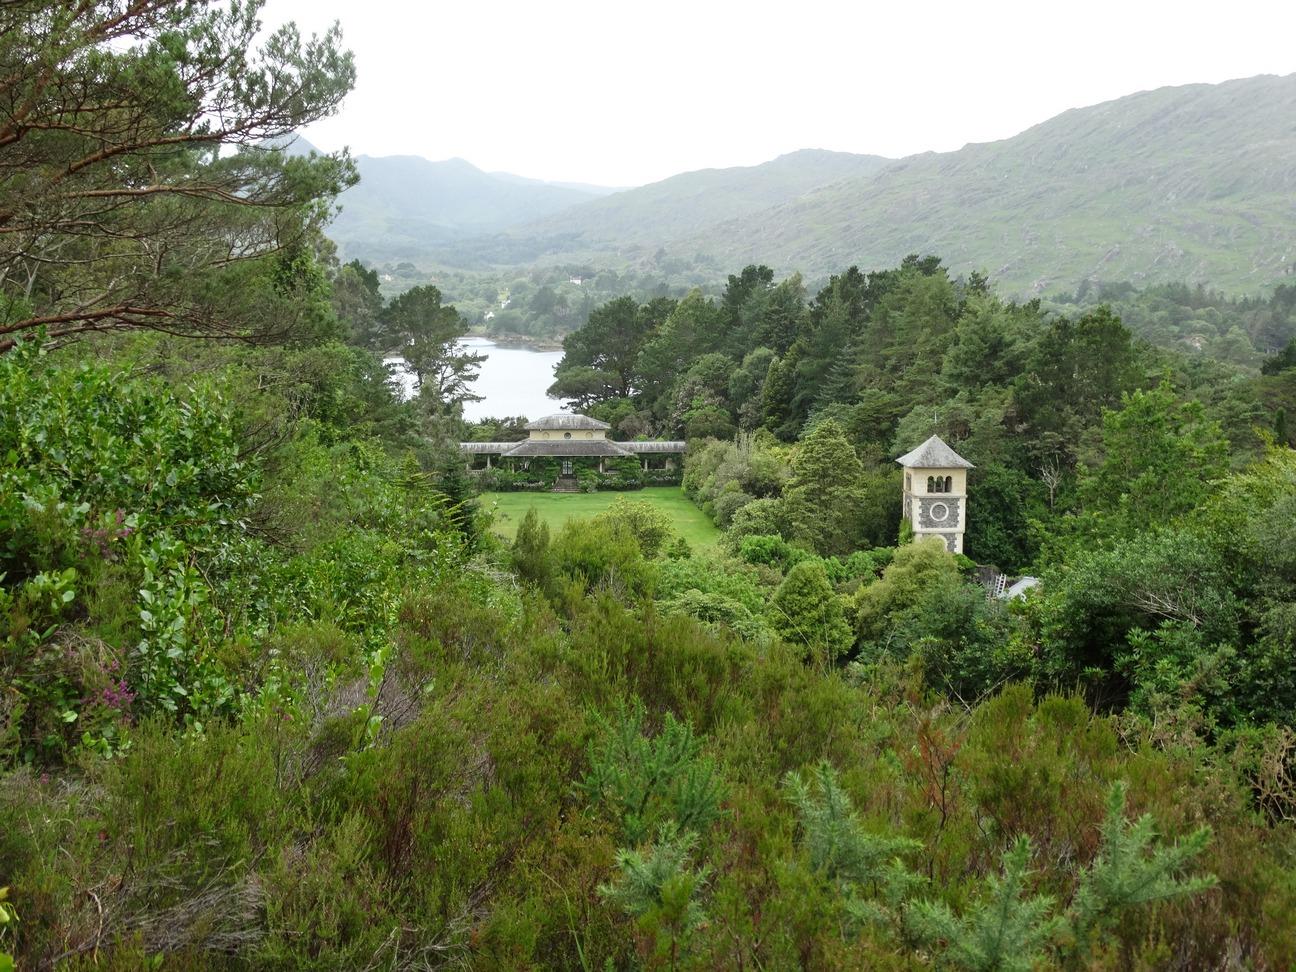 Uitzicht over eiland vanaf een uitkijkpunt